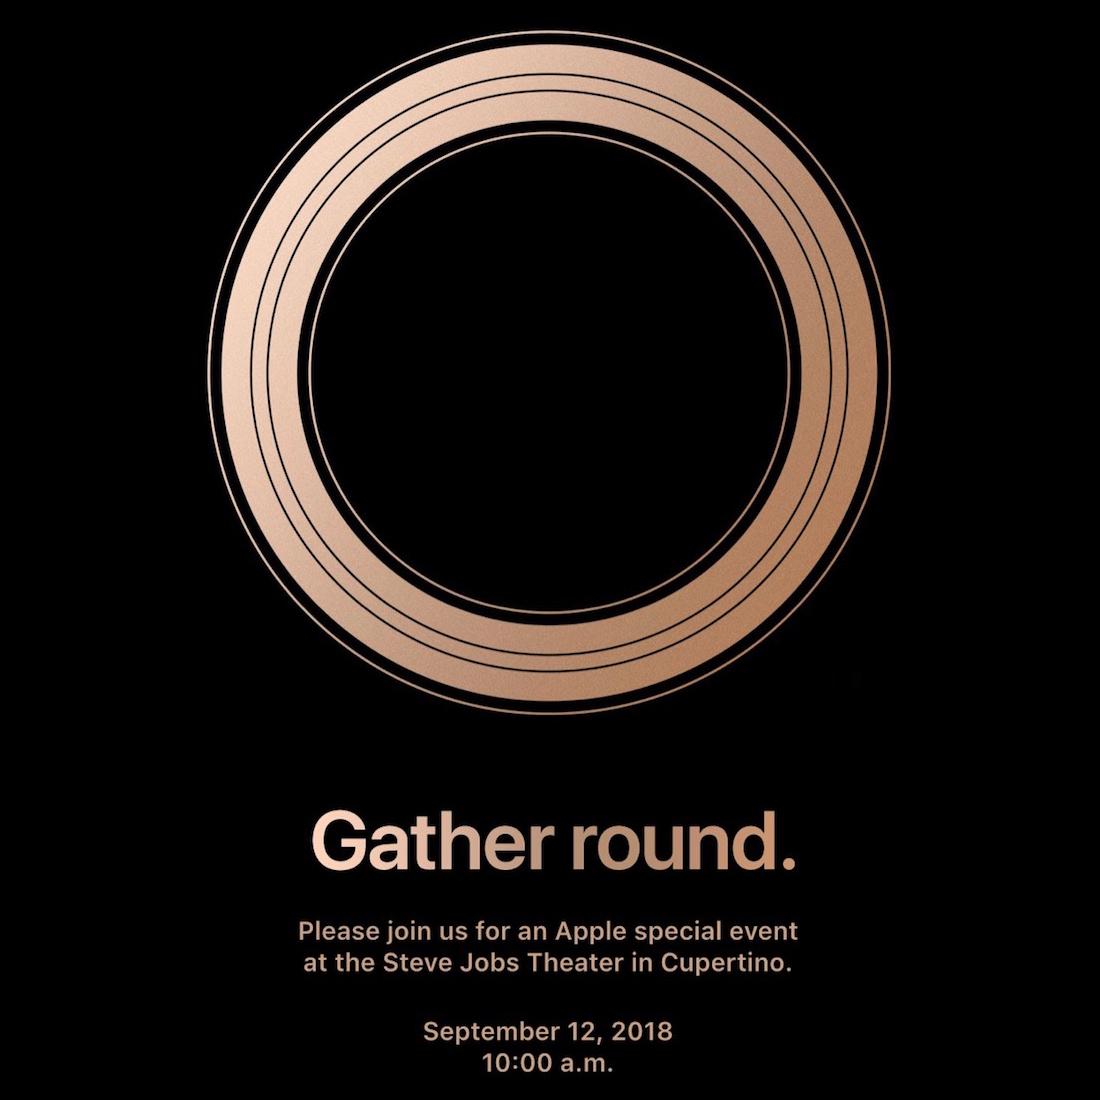 애플, 9월 12일 신형 아이폰 발표 예정이라는데..